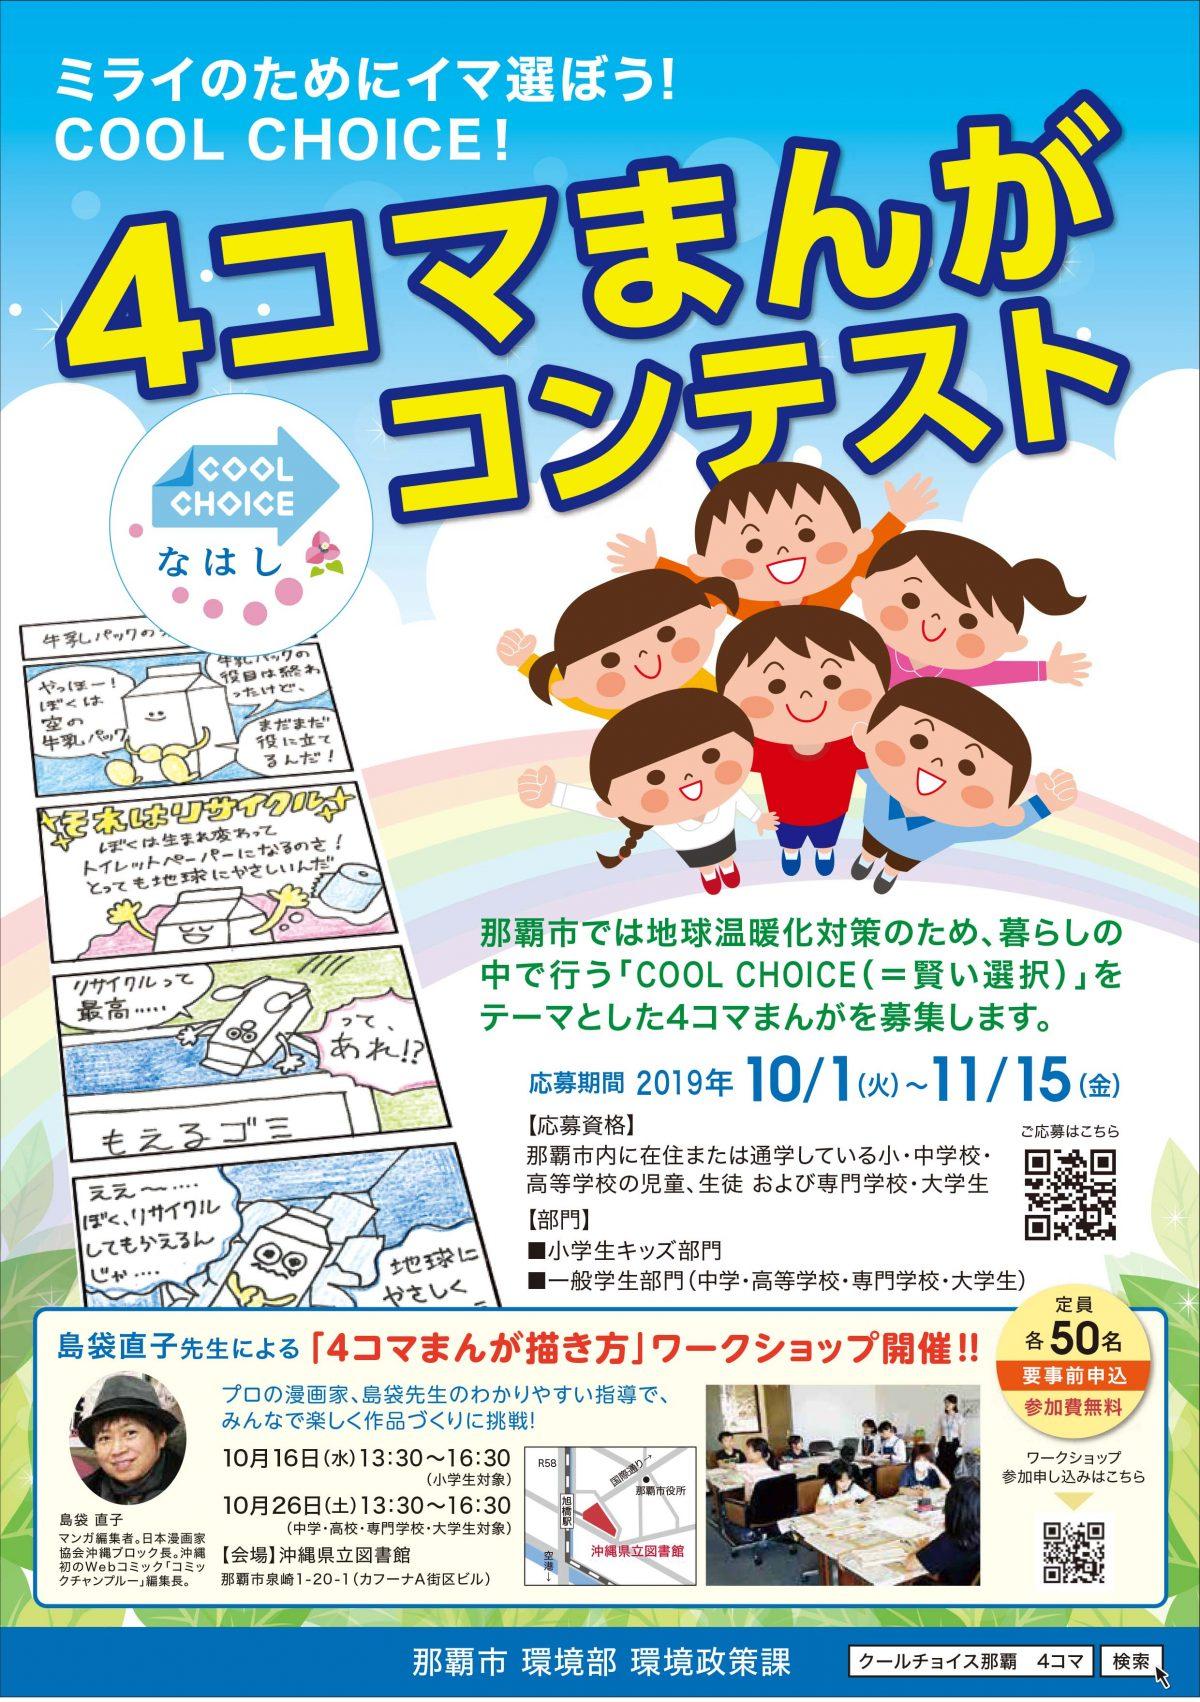 〆切延長! 11月20日(水)必着!「ミライのためにイマ学ぼう! COOL CHOICE! 4コマまんがコンテスト」